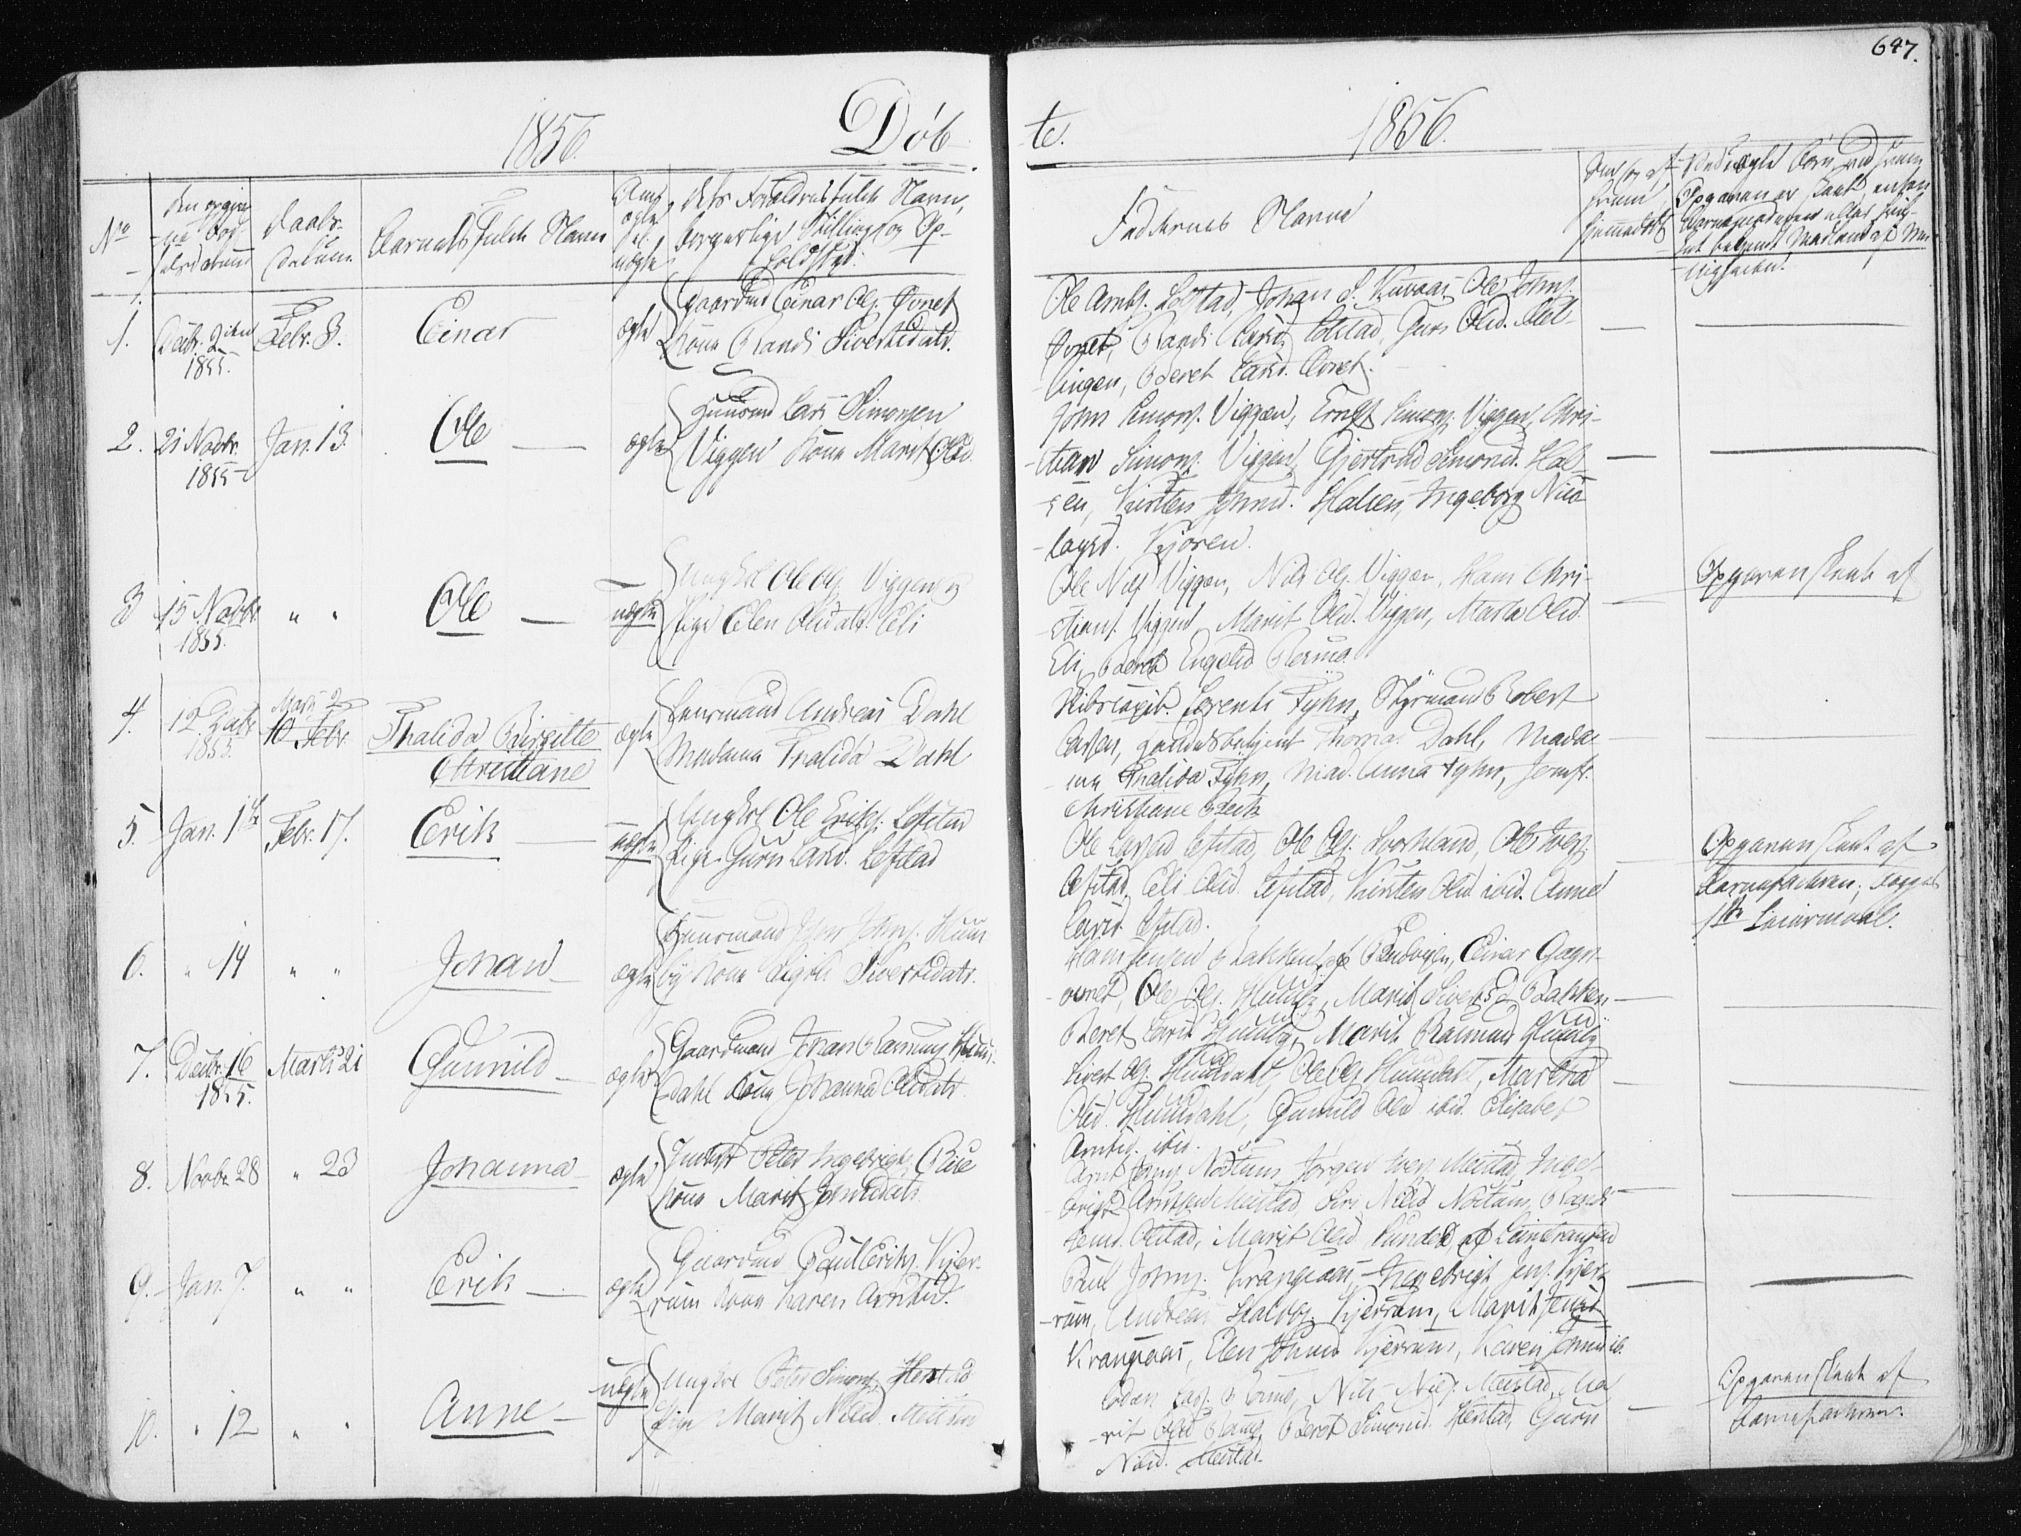 SAT, Ministerialprotokoller, klokkerbøker og fødselsregistre - Sør-Trøndelag, 665/L0771: Ministerialbok nr. 665A06, 1830-1856, s. 647